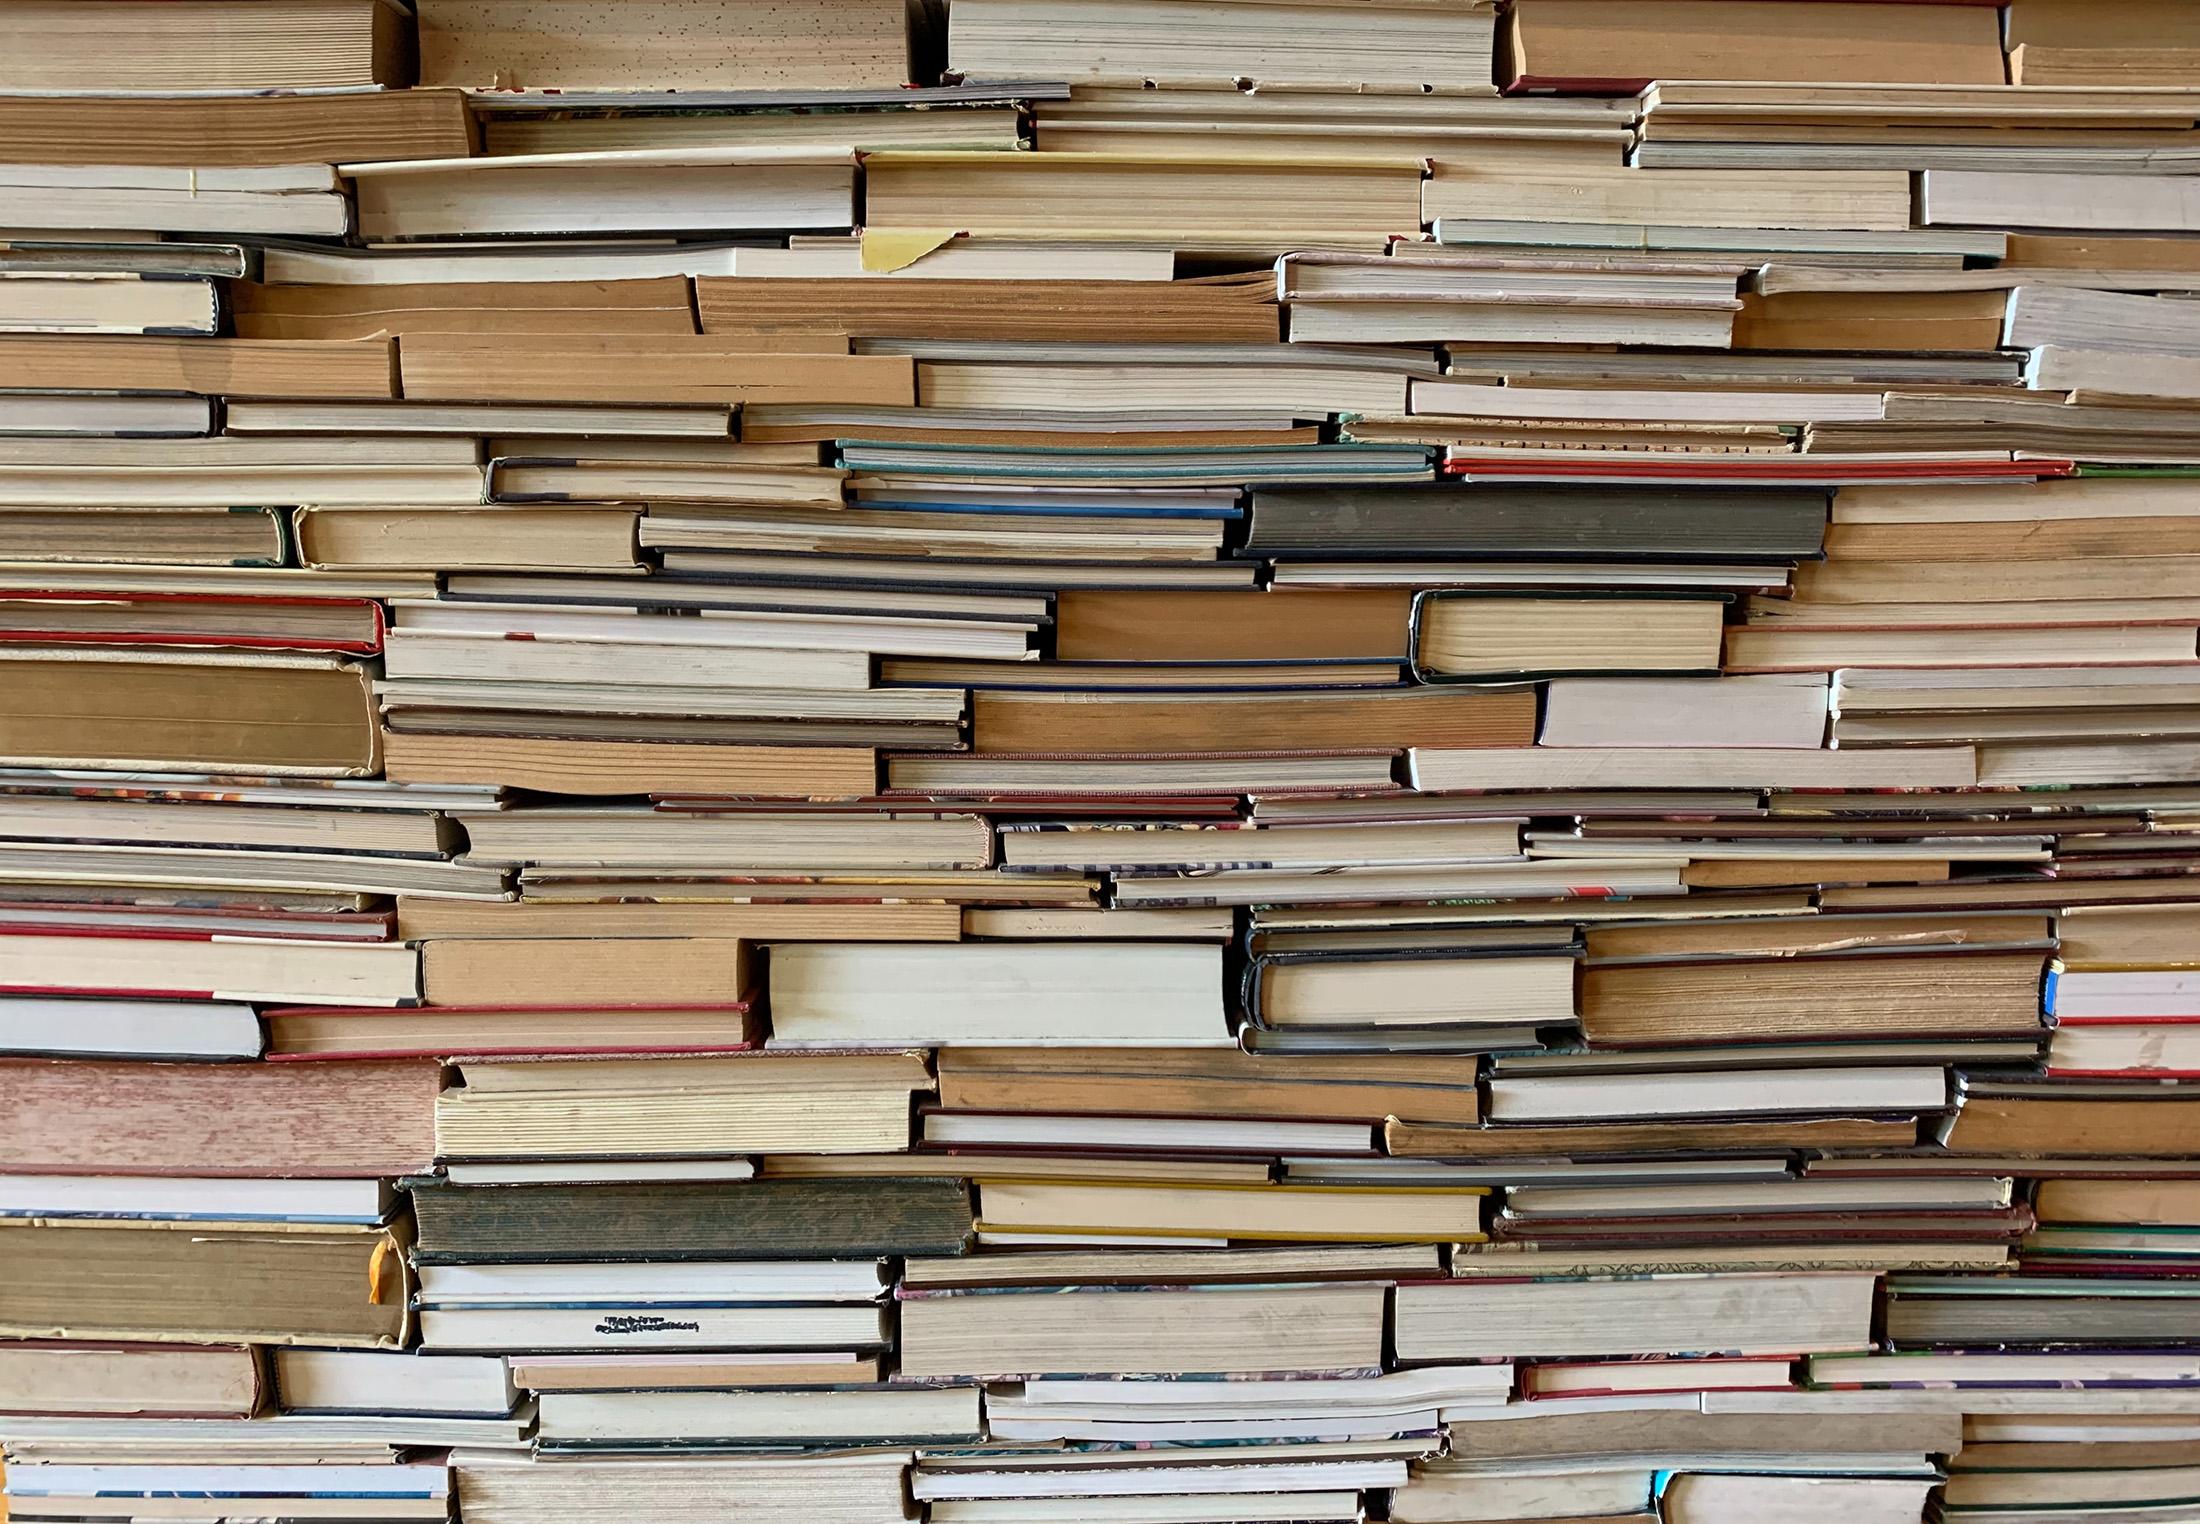 many_books